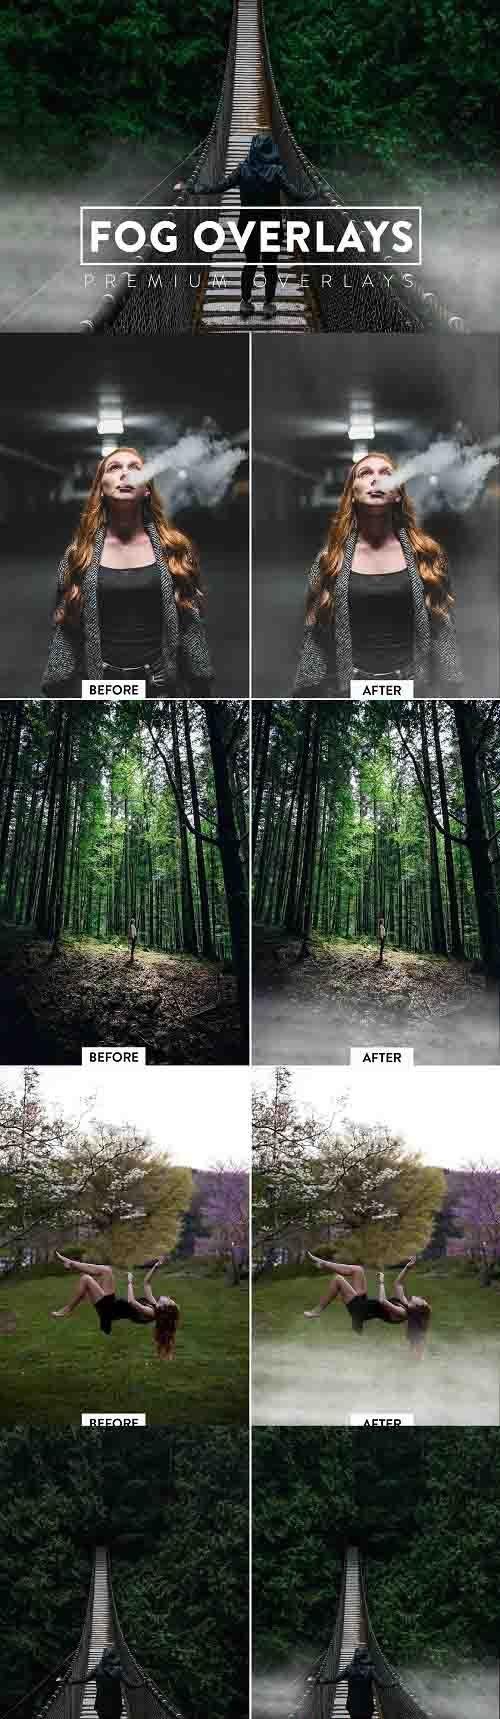 50 Fog Effect Overlays - 5929997